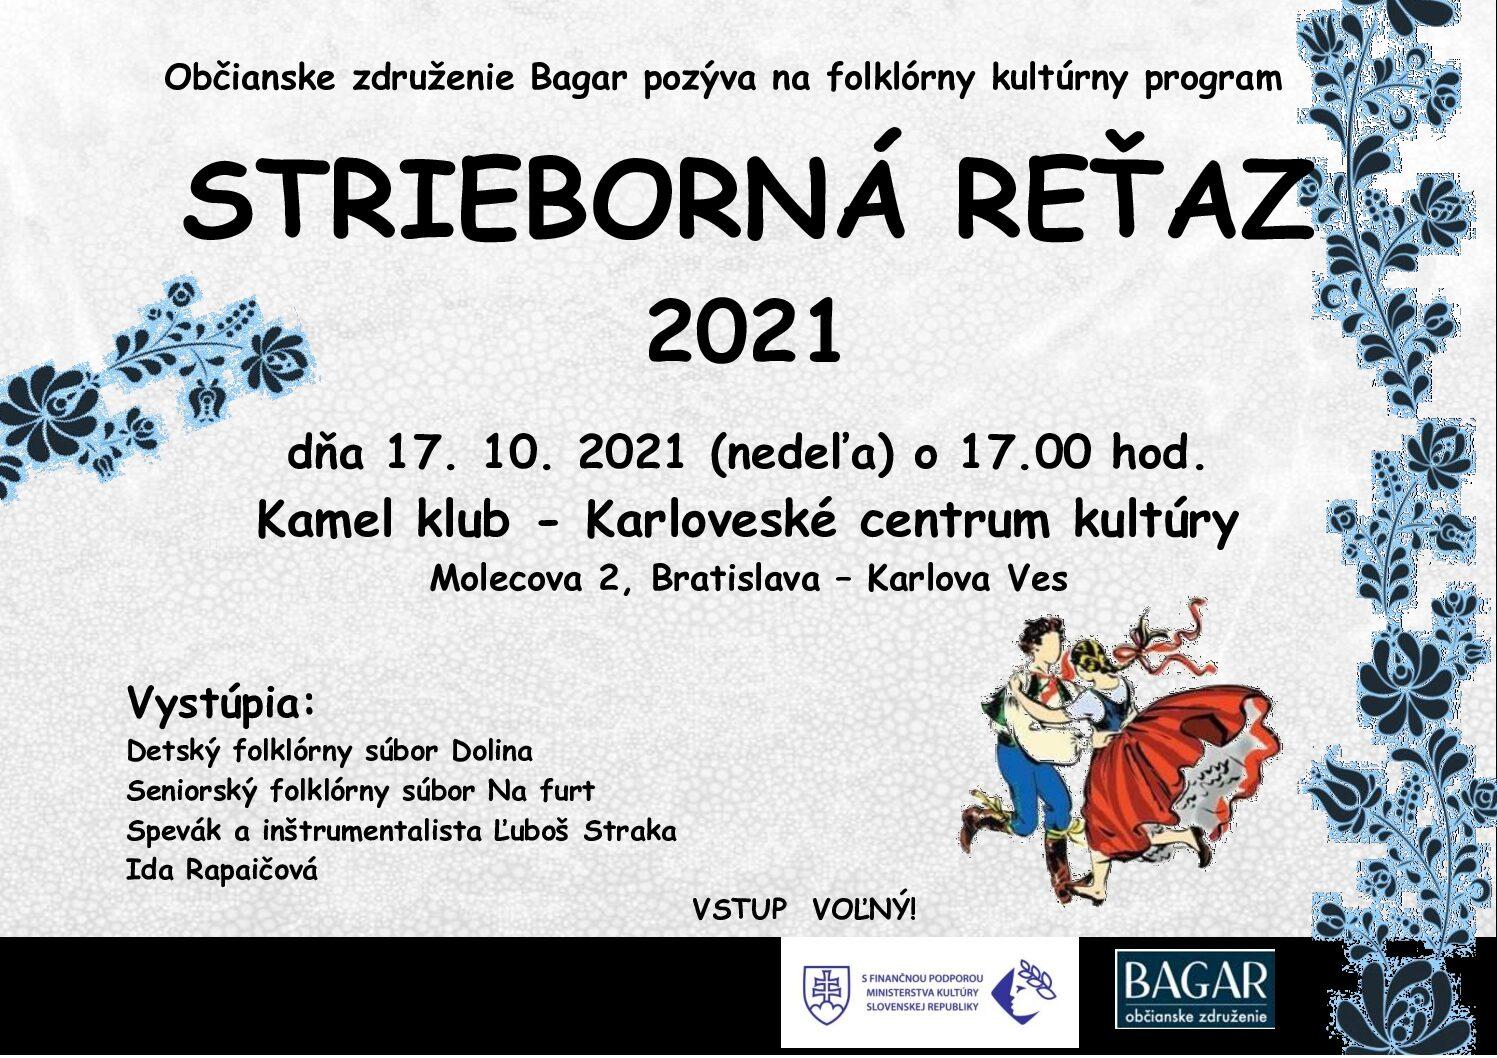 Strieborná reťaz 2021 v Bratislave